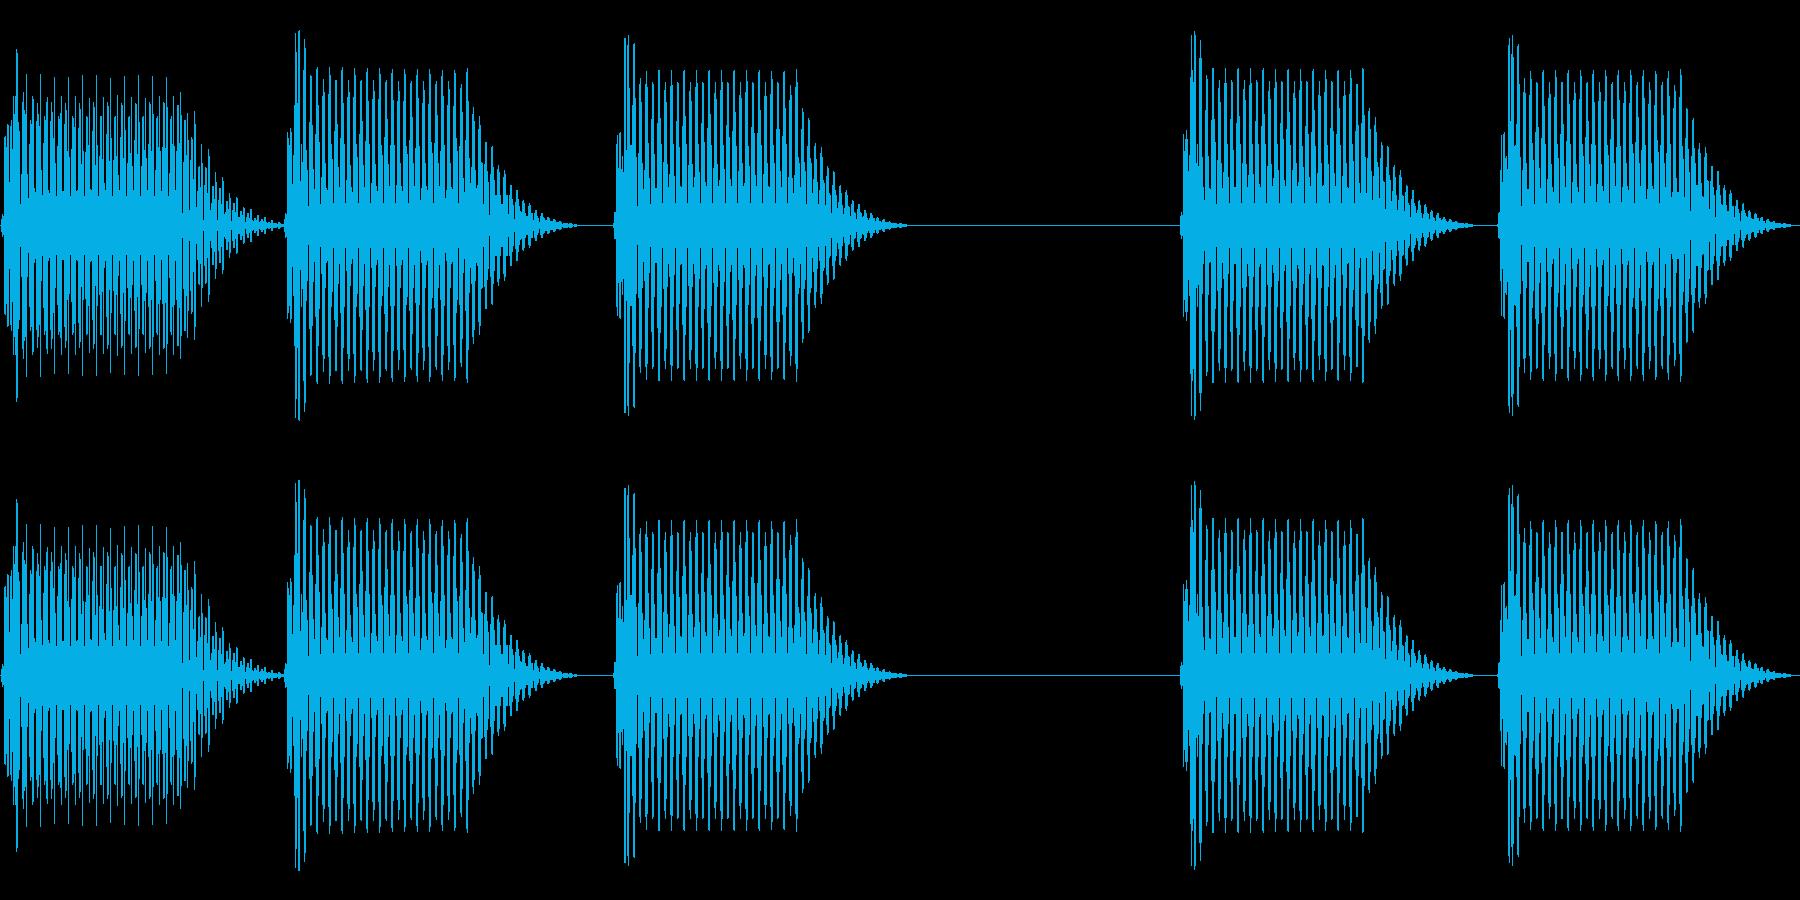 往年のRPG風 セリフ・吹き出し音 8の再生済みの波形